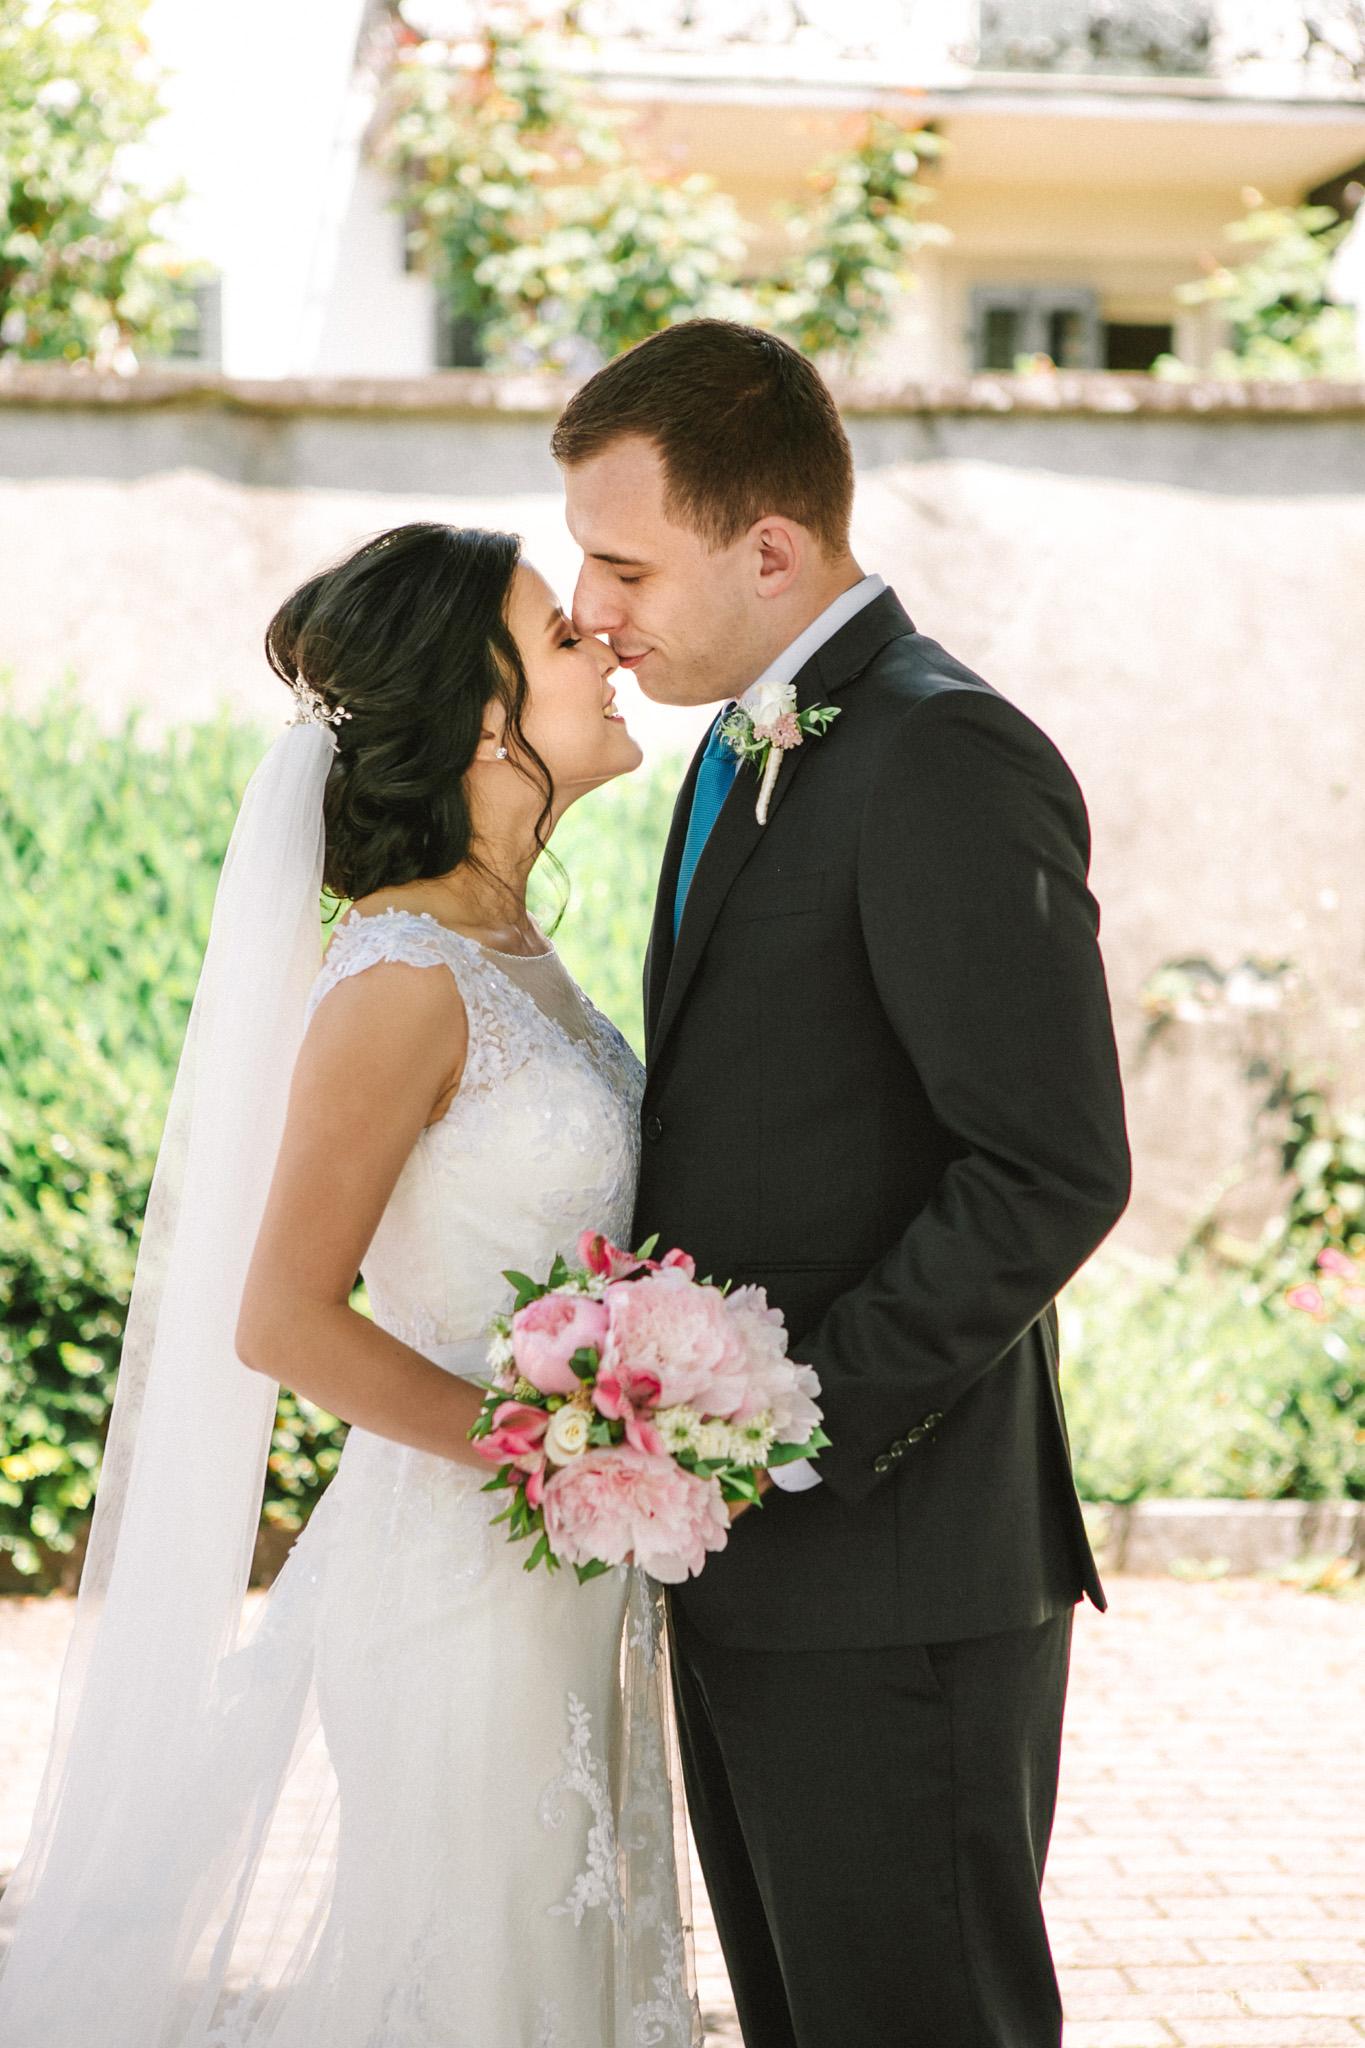 Sich küssendes Brautpaar mit Braustrauss in der Altstadt von Rapperswil